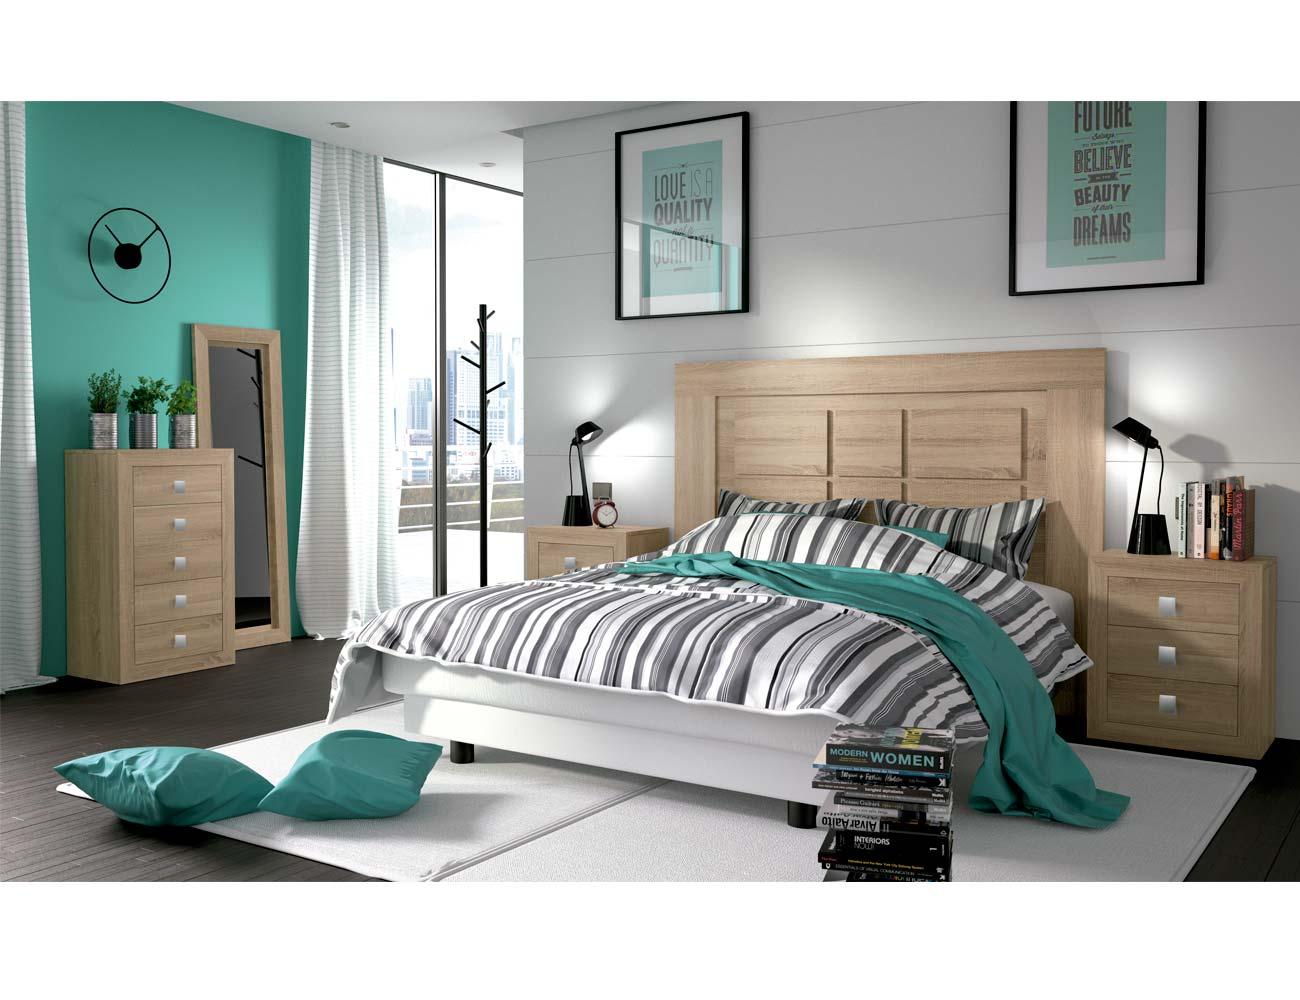 Dormitorios De Matrimonio Estilo Rustico : Dormitorio de matrimonio estilo rústico urbano color